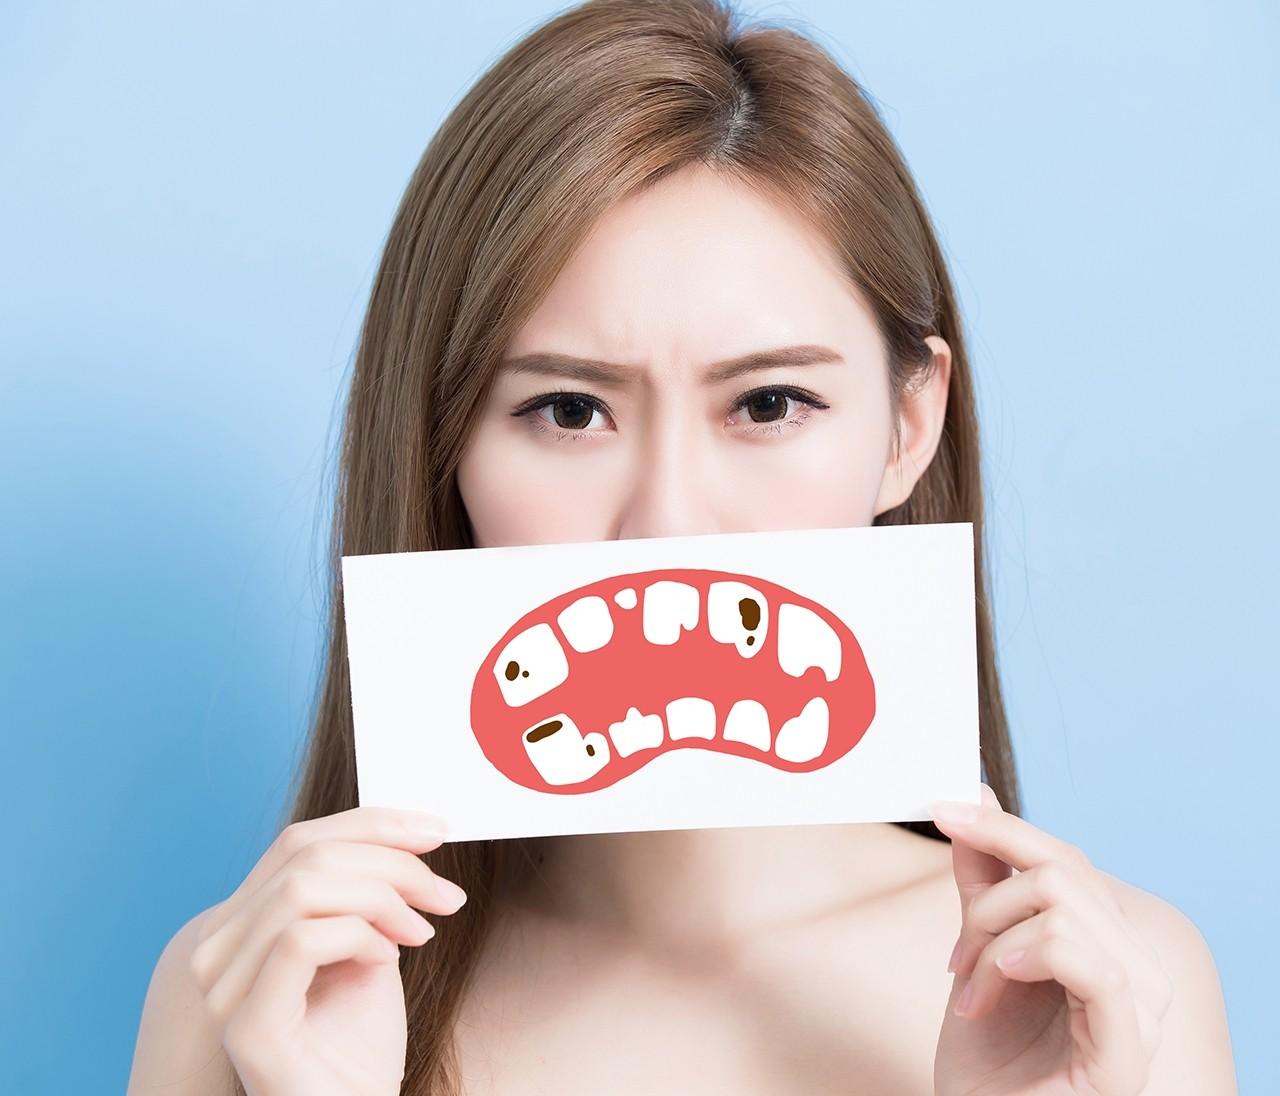 【歯・口内トラブル】30代になると歯や口内の悩みが増える理由を医師が回答!